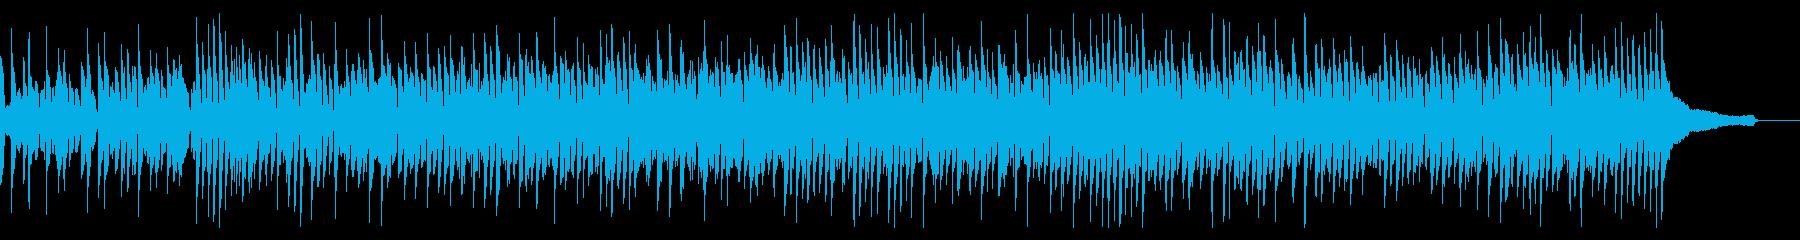 アップテンポのブルース系ピアノソロの再生済みの波形